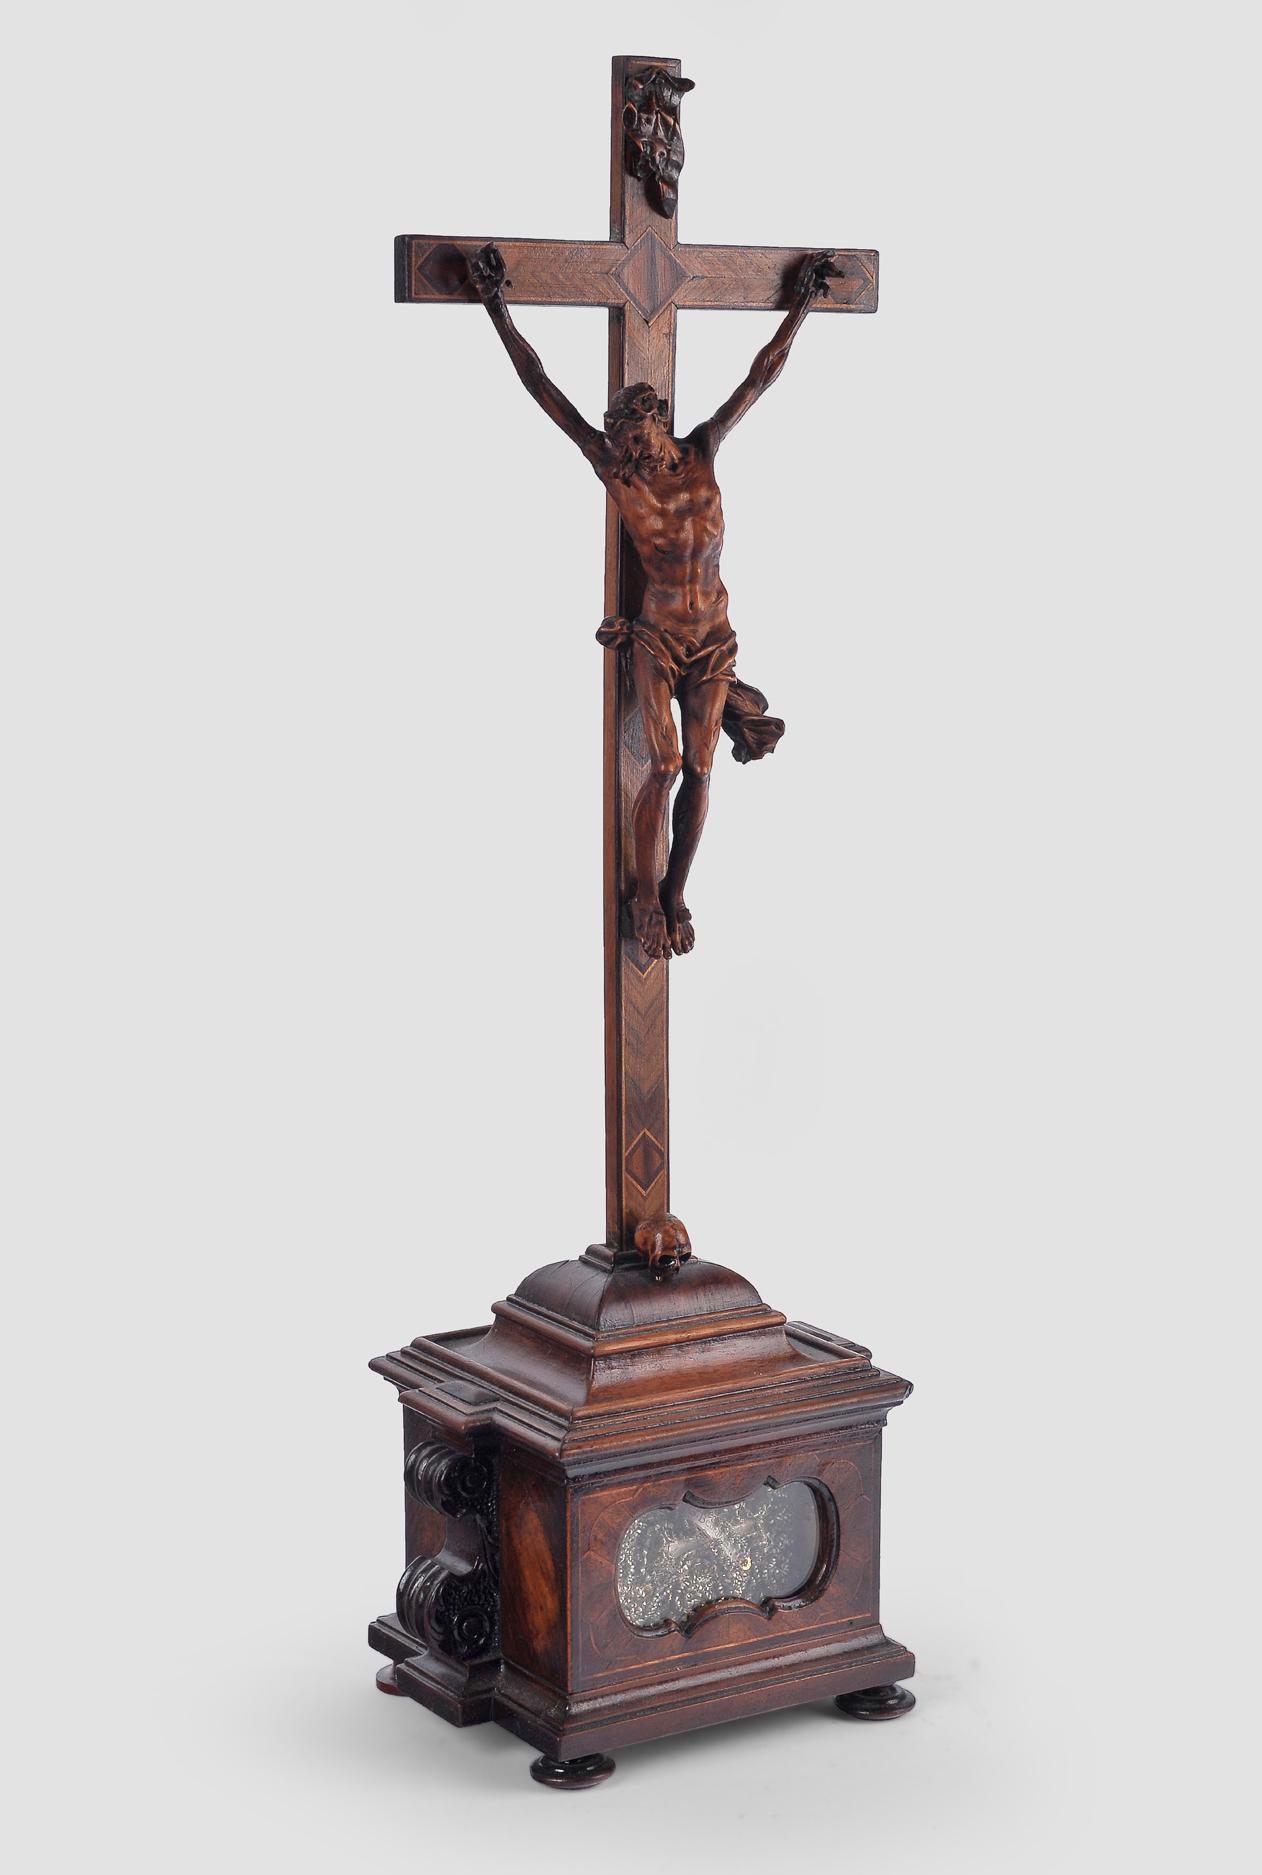 Standkreuz, Süddeutsch, um 1750, Nussholz - Image 2 of 6